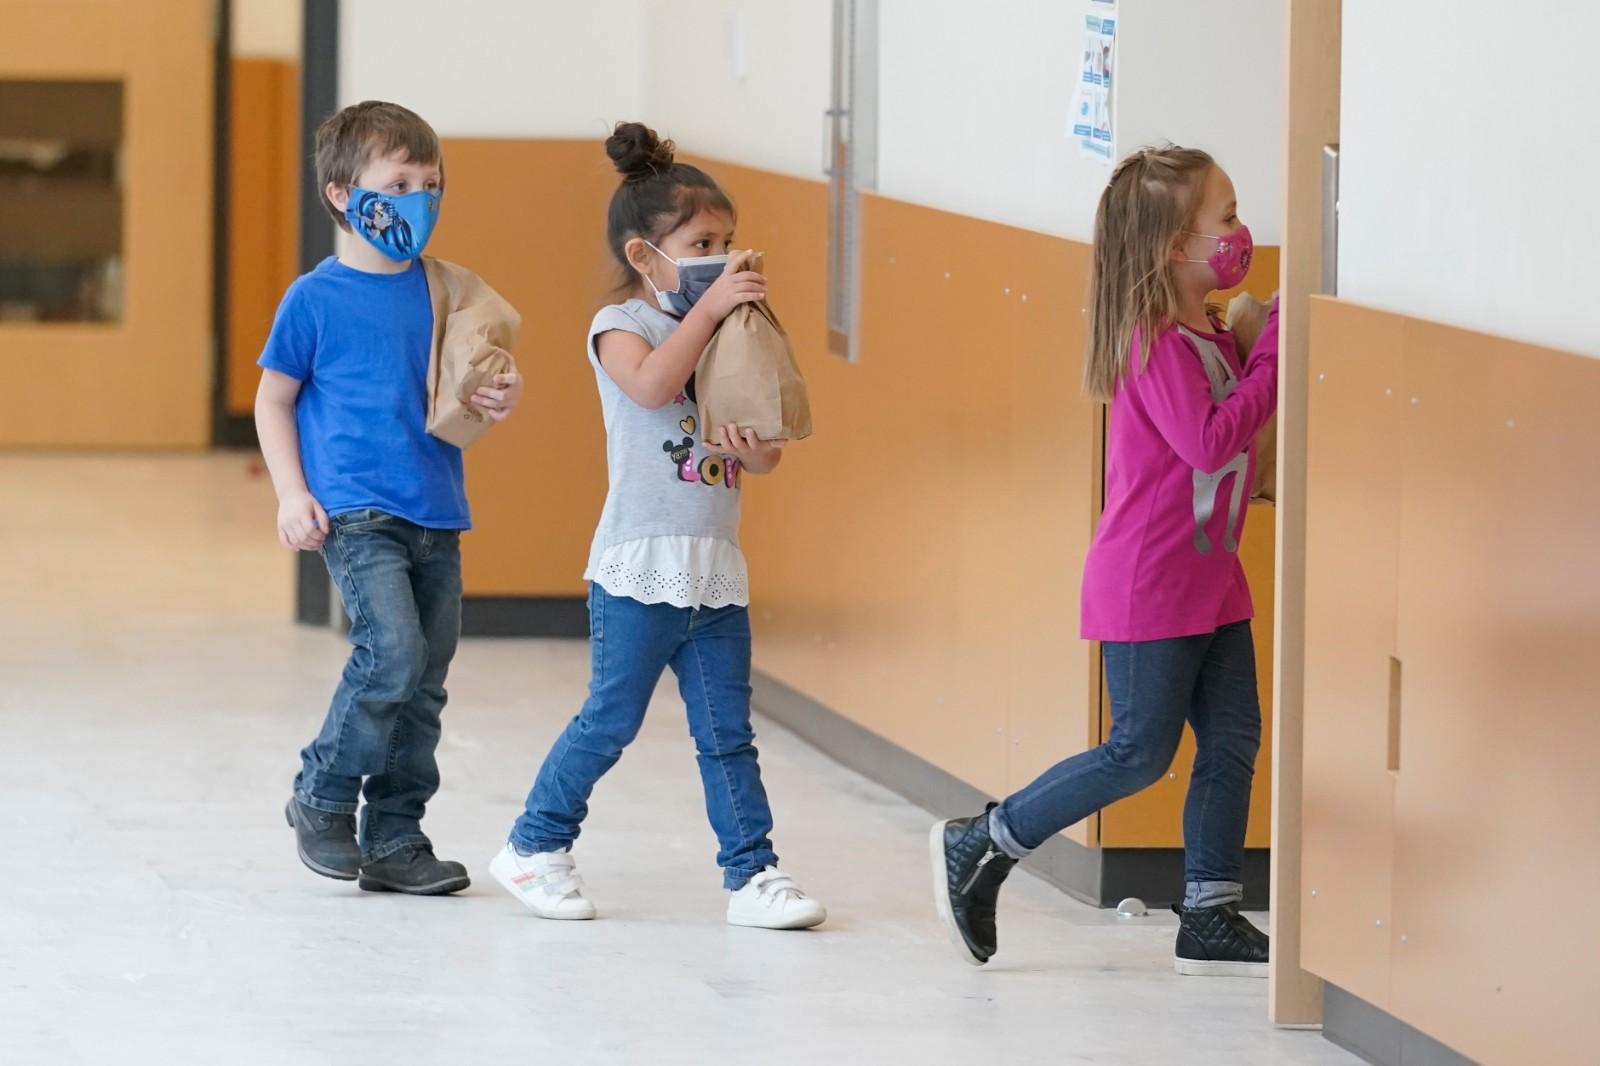 拜登政府延长公校免费午餐计划至2022年春季